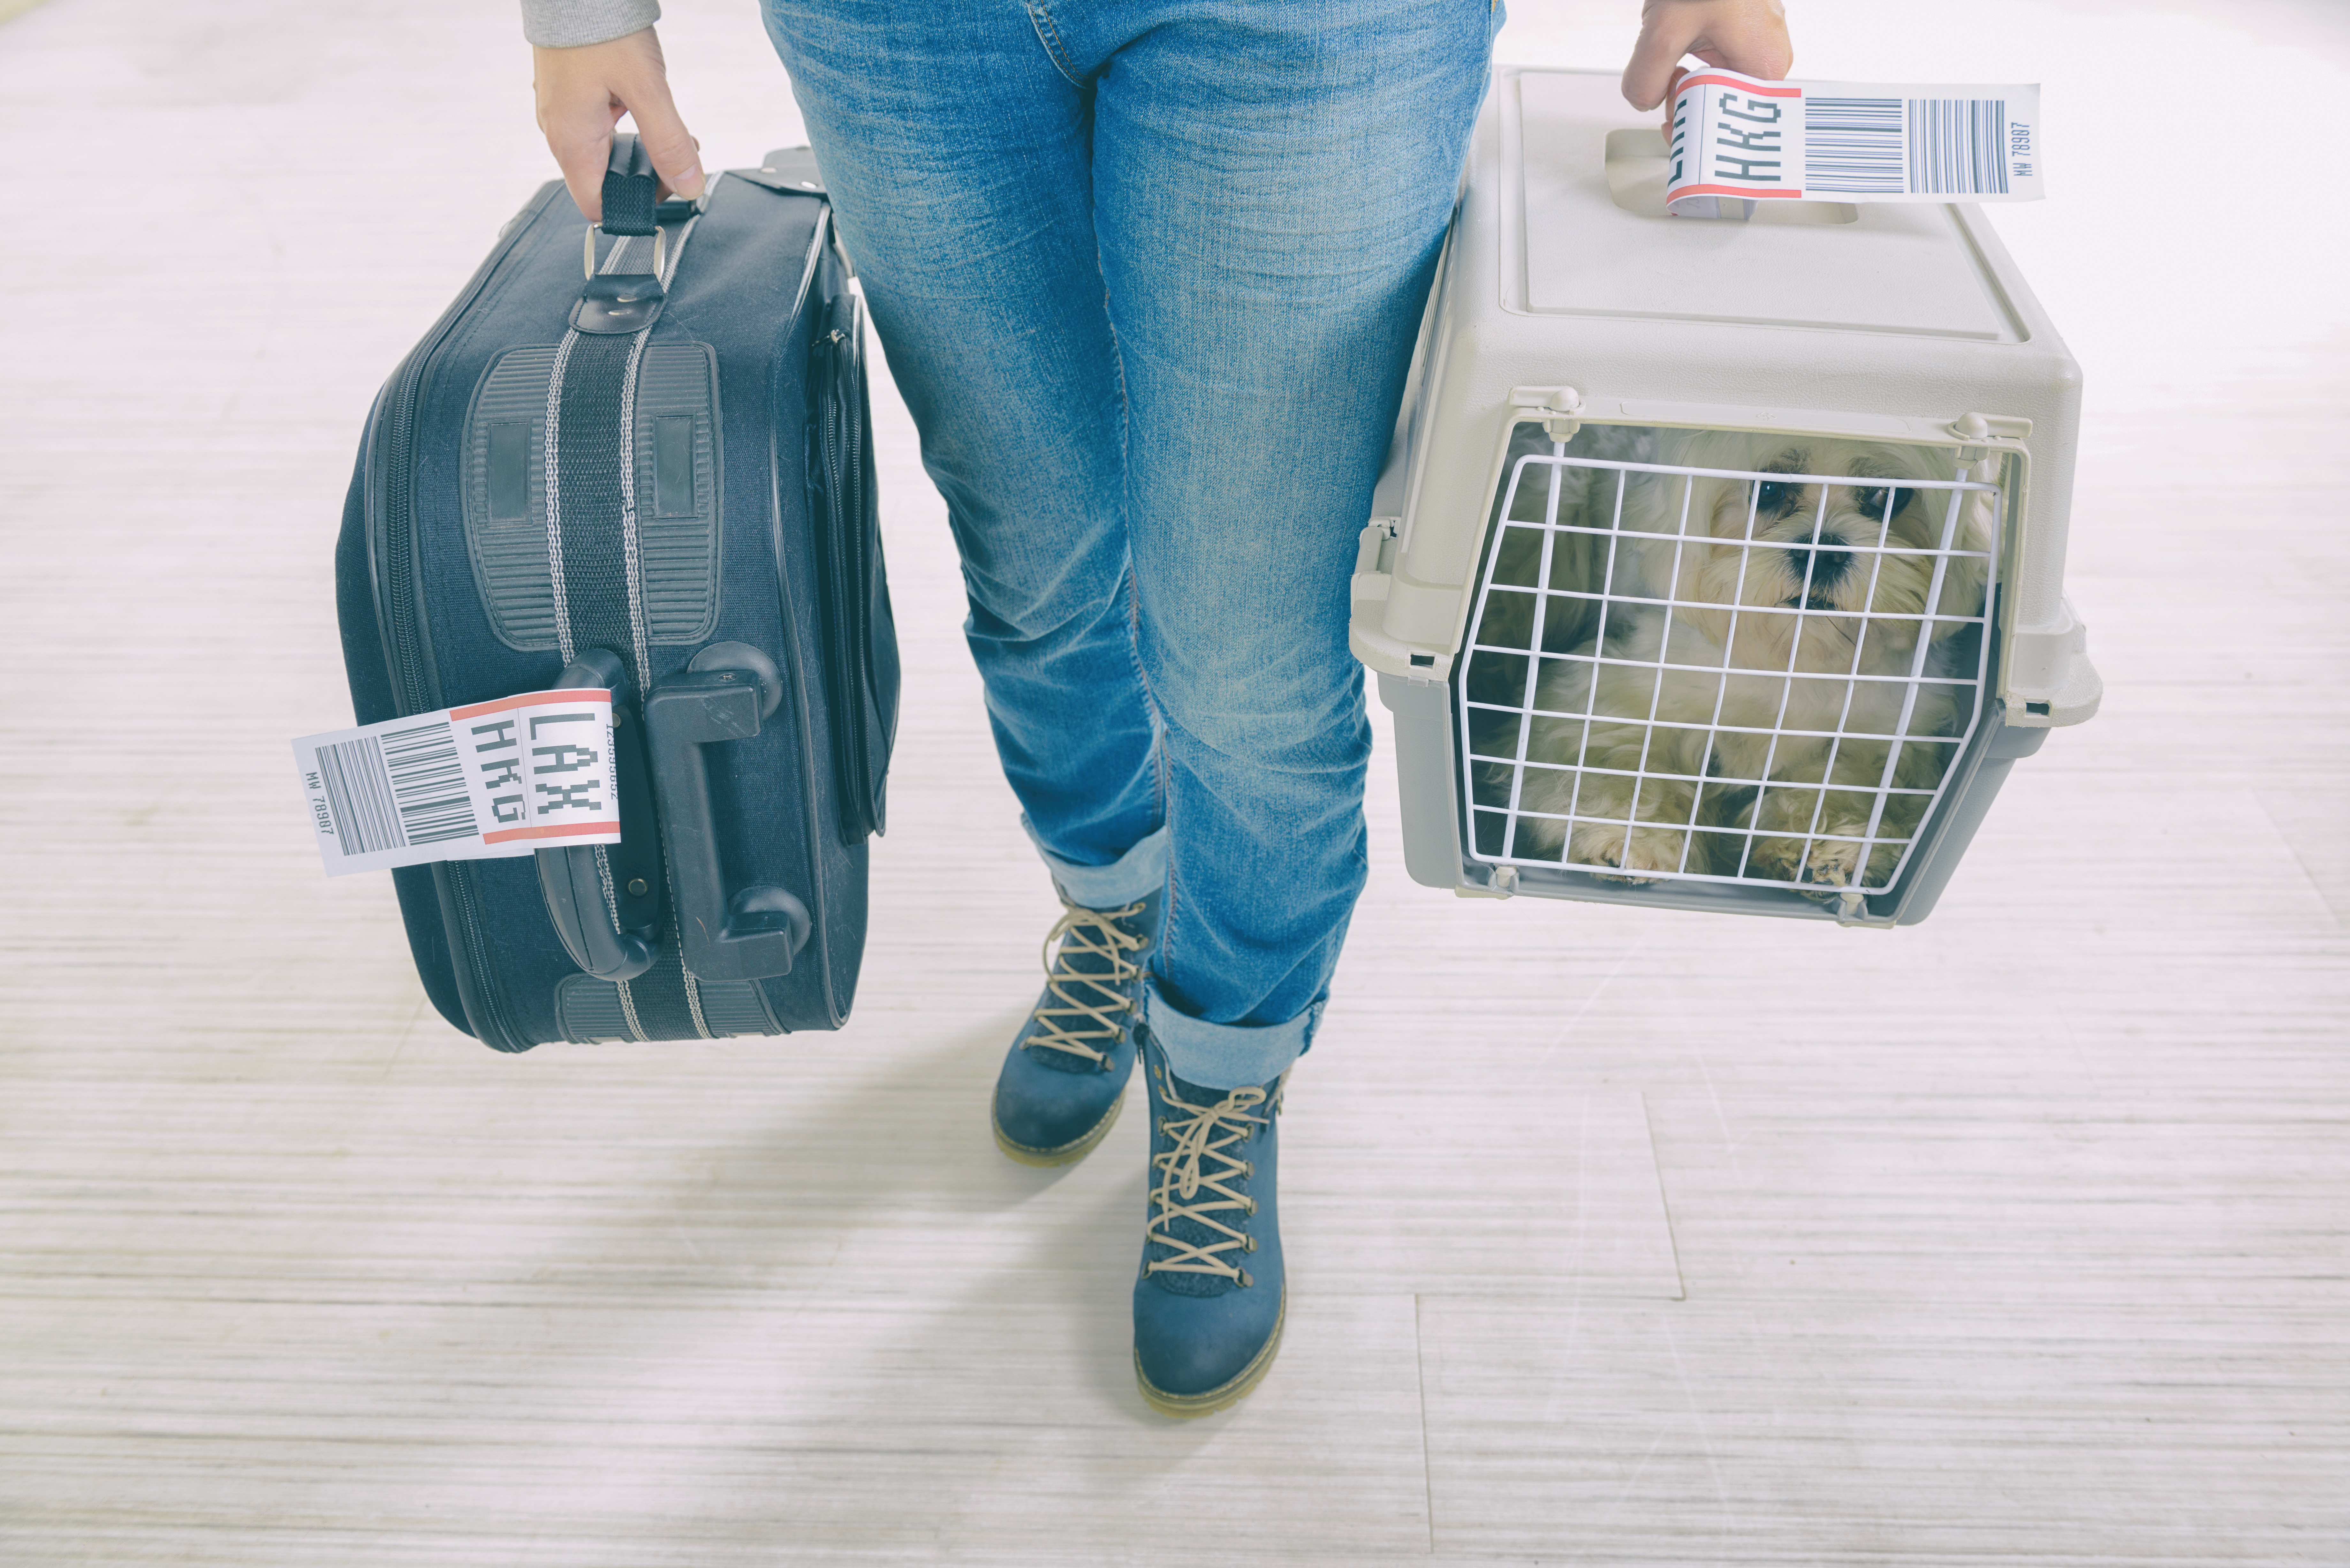 Un cane è morto a bordo di un aereo: costretto a viaggiare nella cappelliera